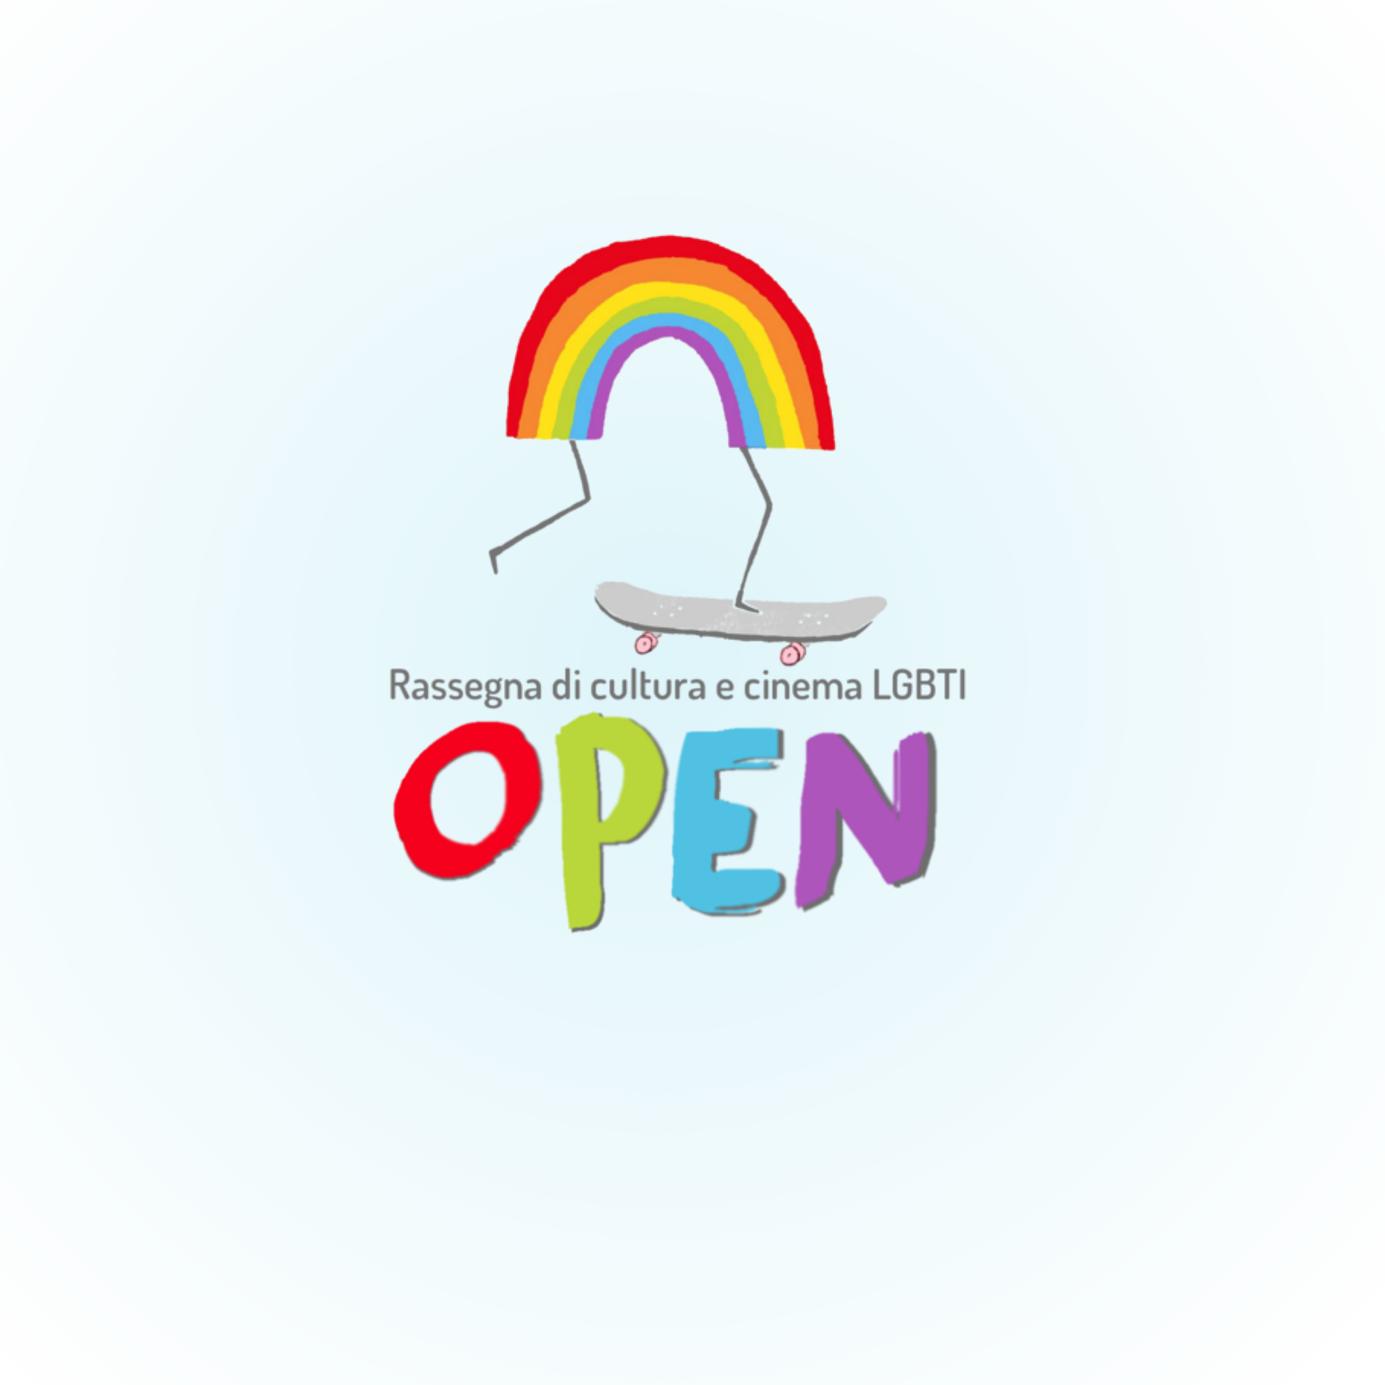 OPEN Rassegna di Cultura e Cinema LGBTI